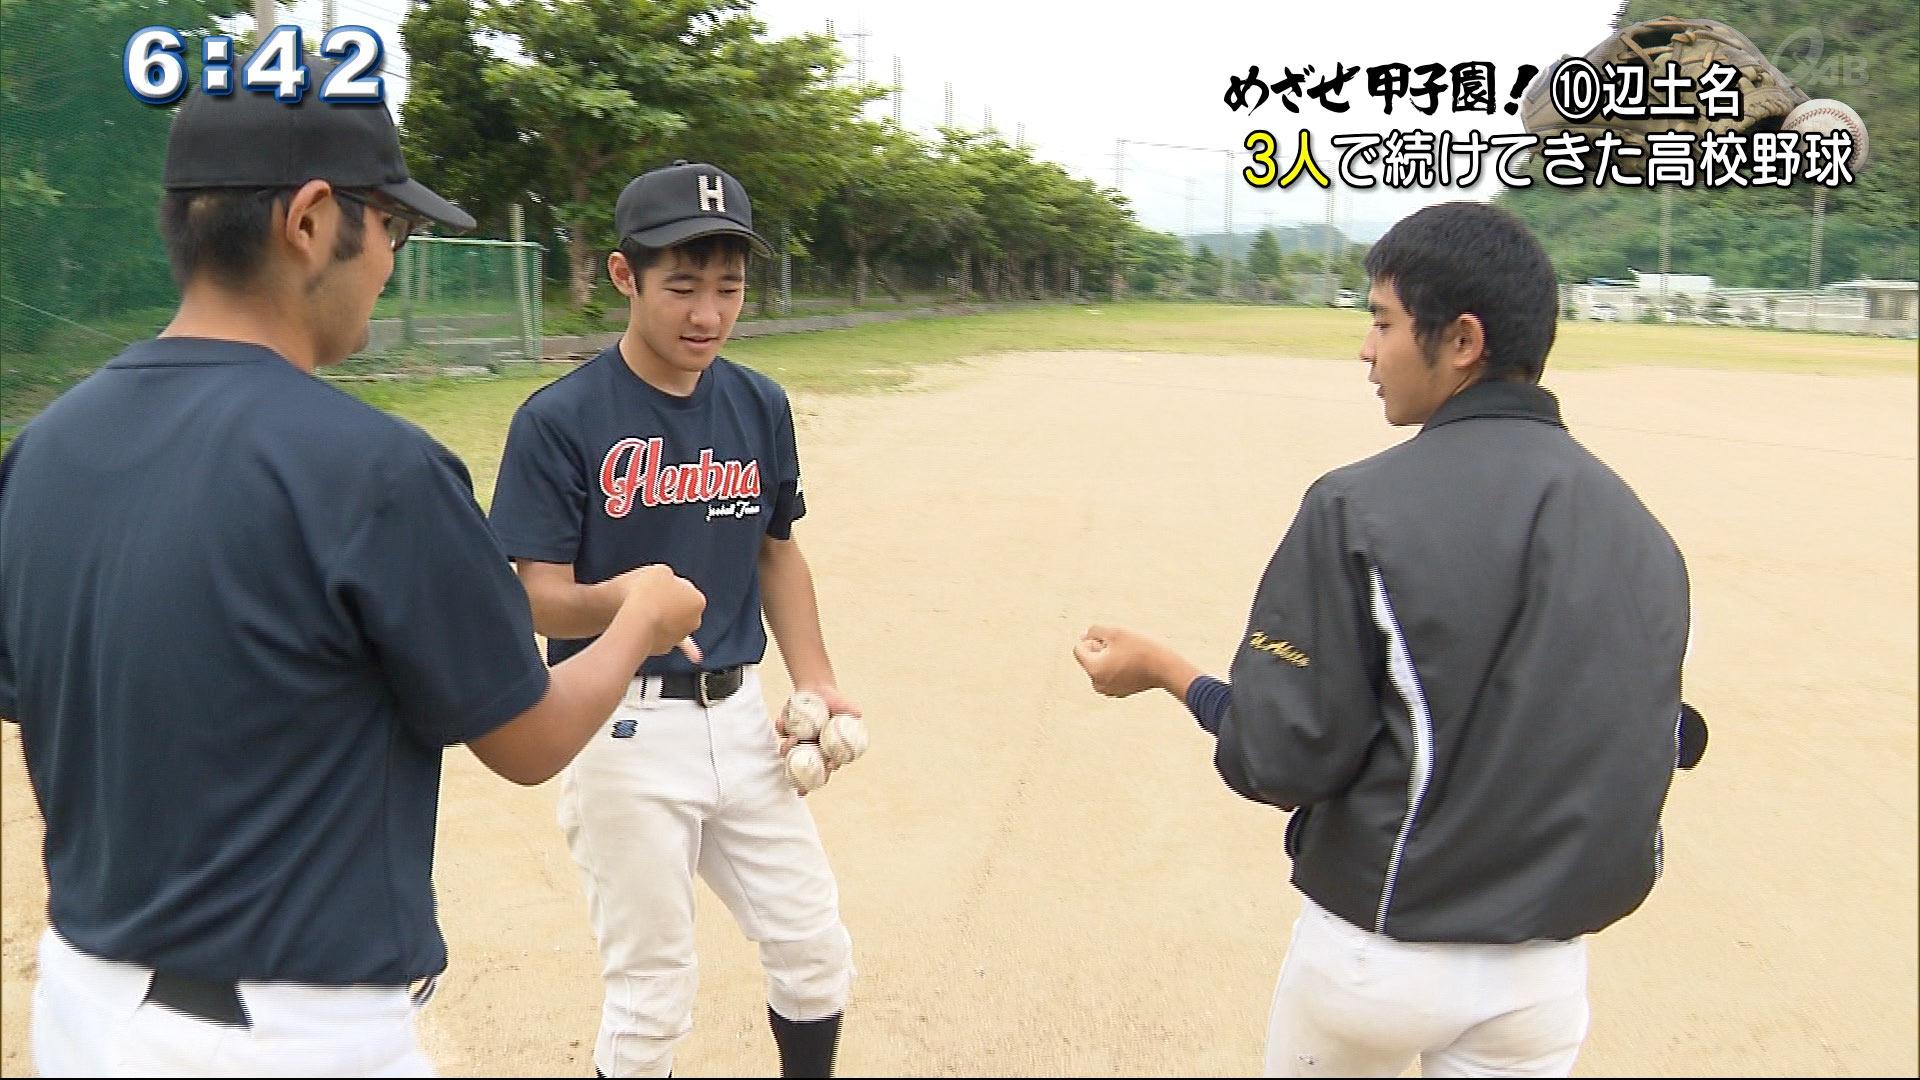 3人が野球を好きというのが一番だと思います。それがあるので続けてこられたと思います。